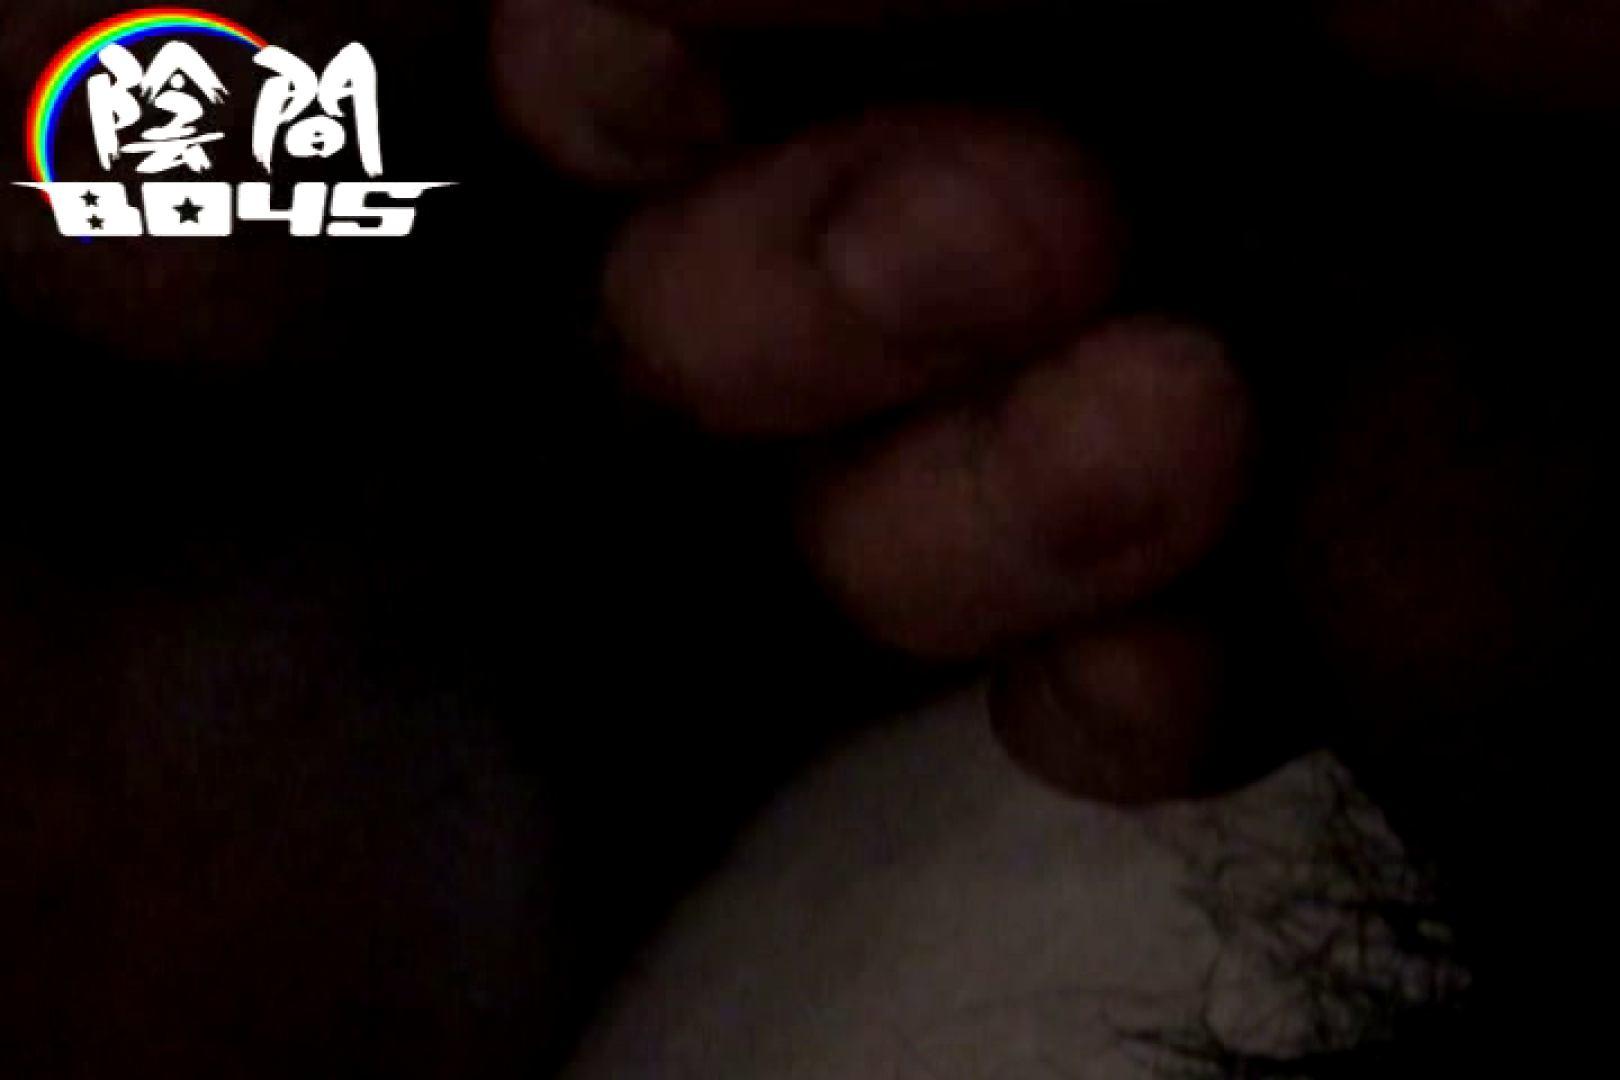 陰間BOYS~Mixed Hot-Guy~03 イケメンのセックス | エロ  15枚 5